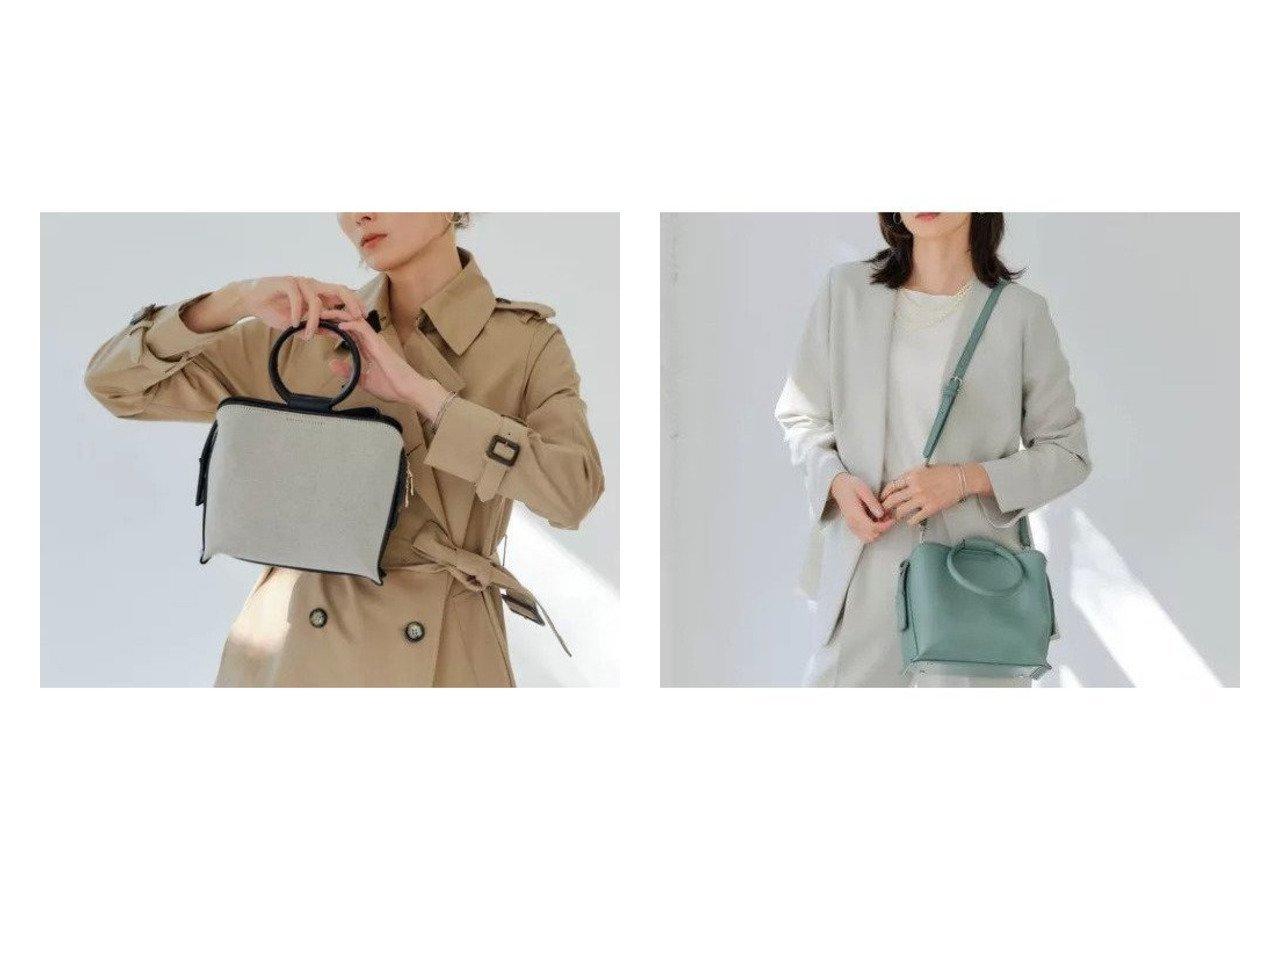 【green label relaxing / UNITED ARROWS/グリーンレーベル リラクシング / ユナイテッドアローズ】のFFC リング ハンドル 2WAY ショルダー バッグ バッグ・鞄のおすすめ!人気、トレンド・レディースファッションの通販 おすすめで人気の流行・トレンド、ファッションの通販商品 メンズファッション・キッズファッション・インテリア・家具・レディースファッション・服の通販 founy(ファニー) https://founy.com/ ファッション Fashion レディースファッション WOMEN バッグ Bag おすすめ Recommend サテン ショルダー シンプル デニム フォルム ポケット ポーチ マグネット |ID:crp329100000023934